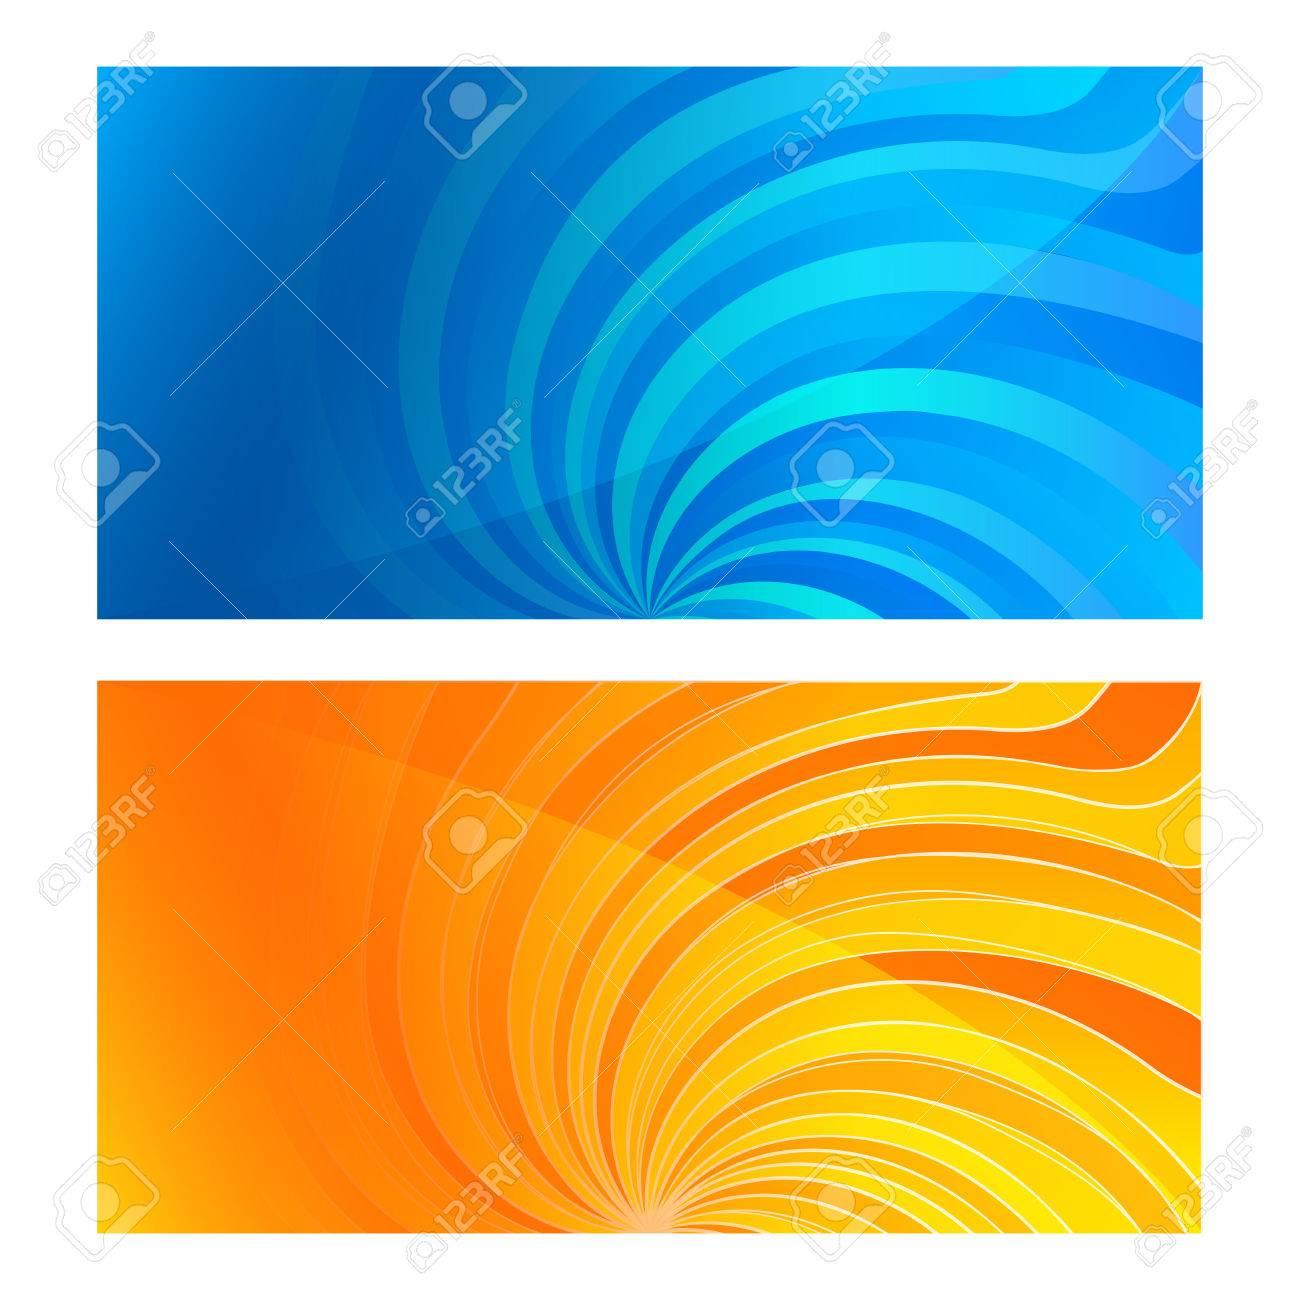 Rglez Carte De Visite Modle Vierge Swirl Fond Avec Dlgants Graphiques Inversion Torsade Lumineux Rayons Ltoile Vector Illustration